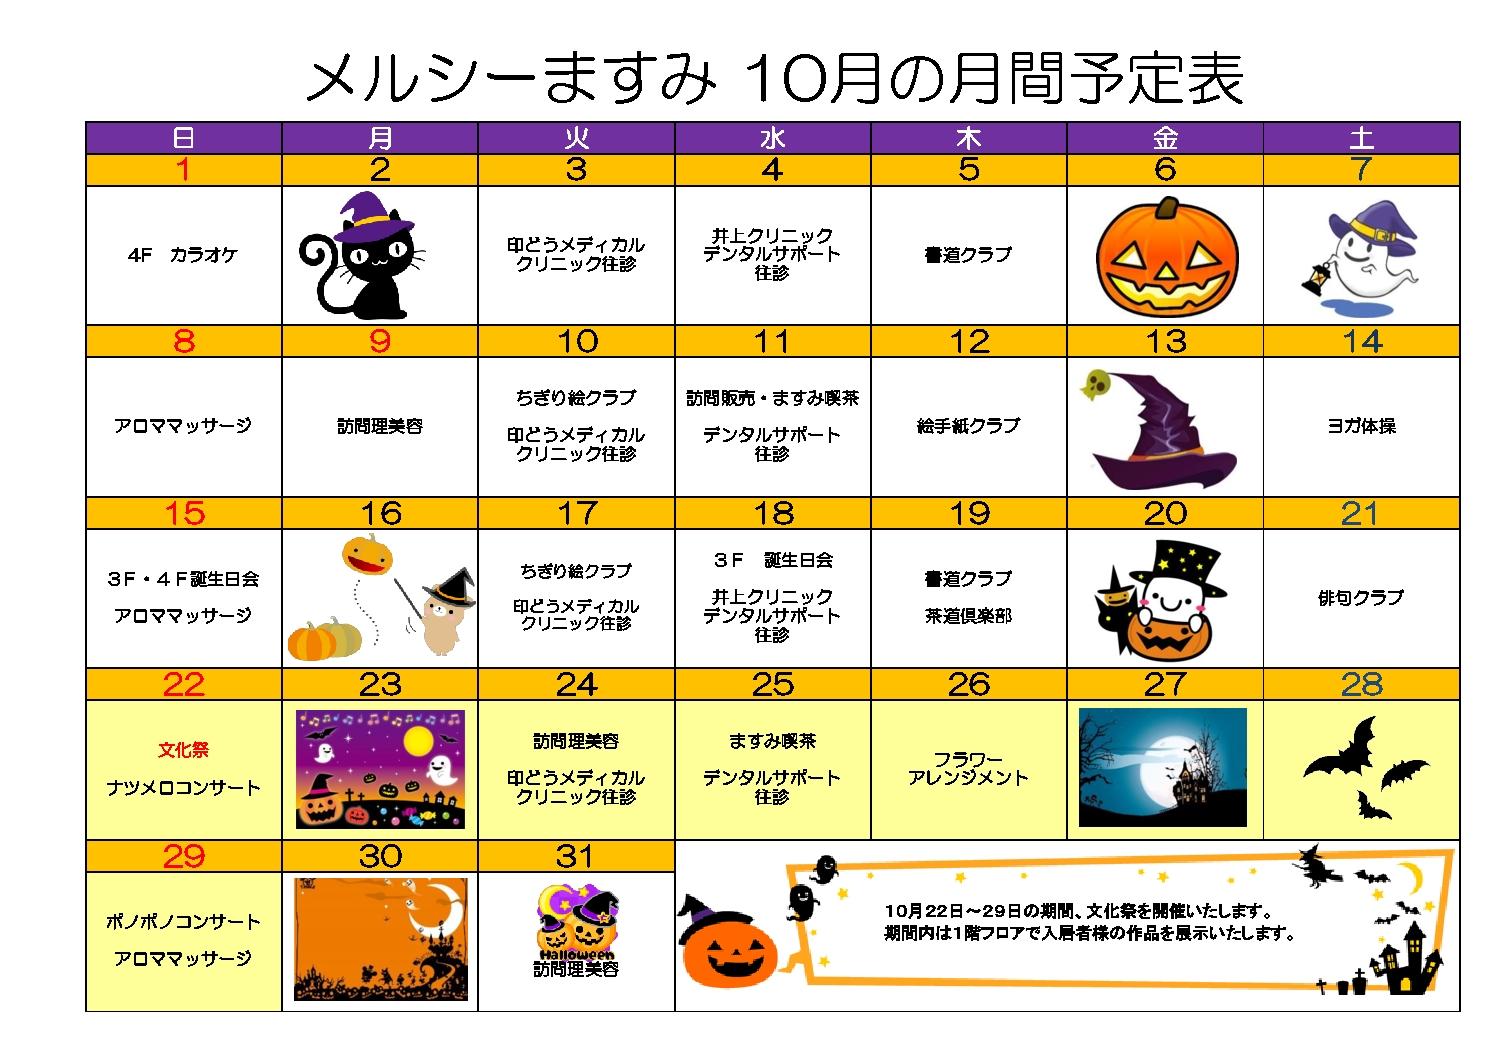 H29.10月間予定表のサムネイル